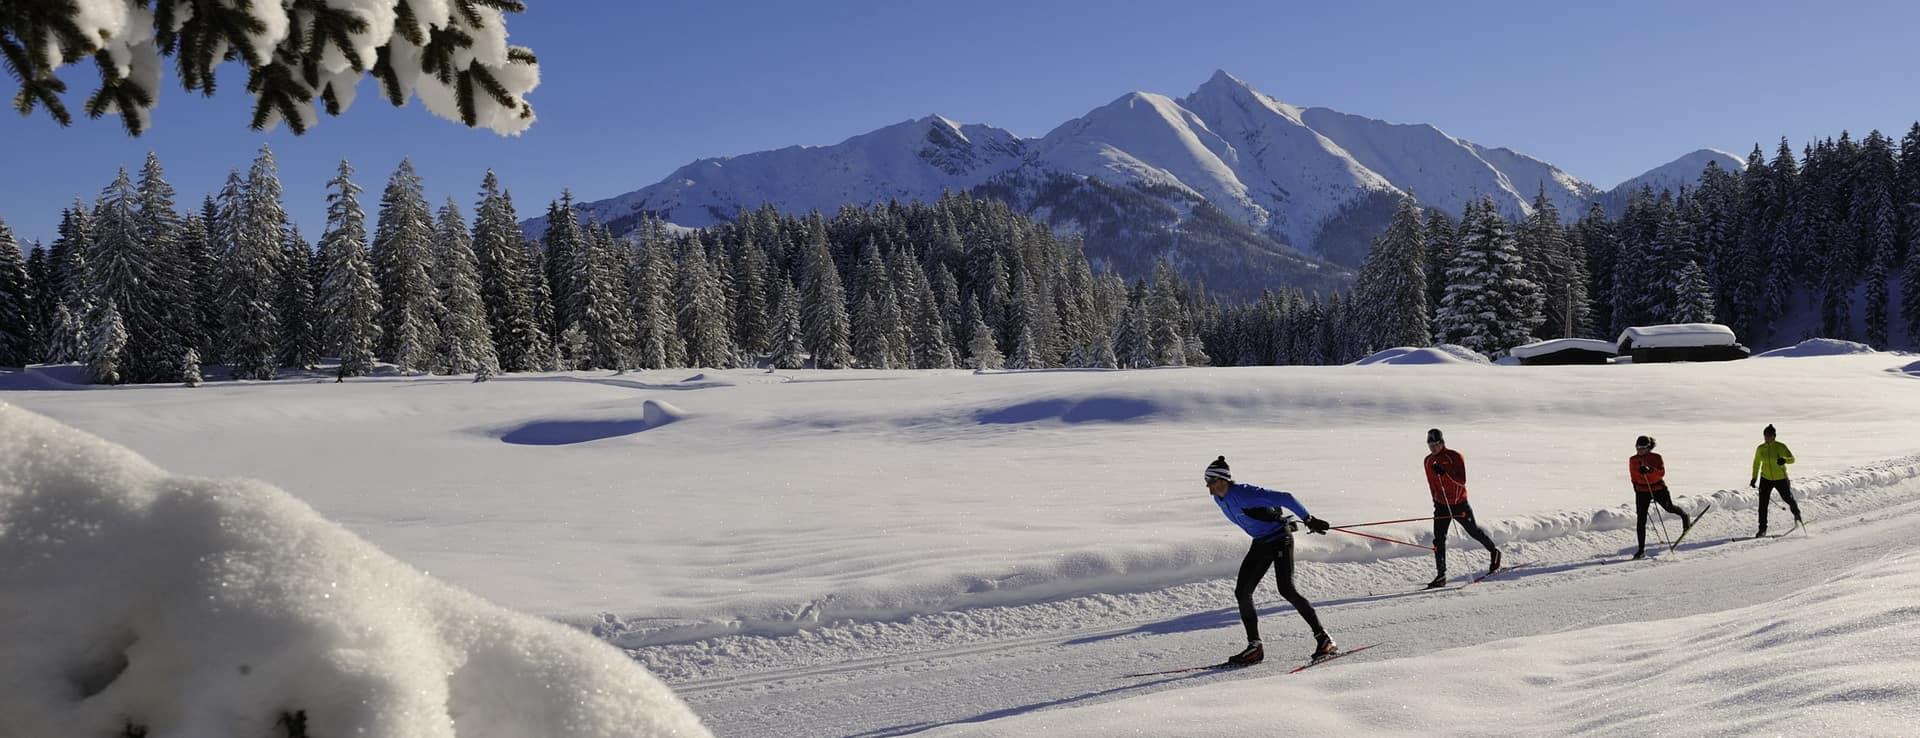 Längdåkning i Seefeld Tirol Österrike skidsemester